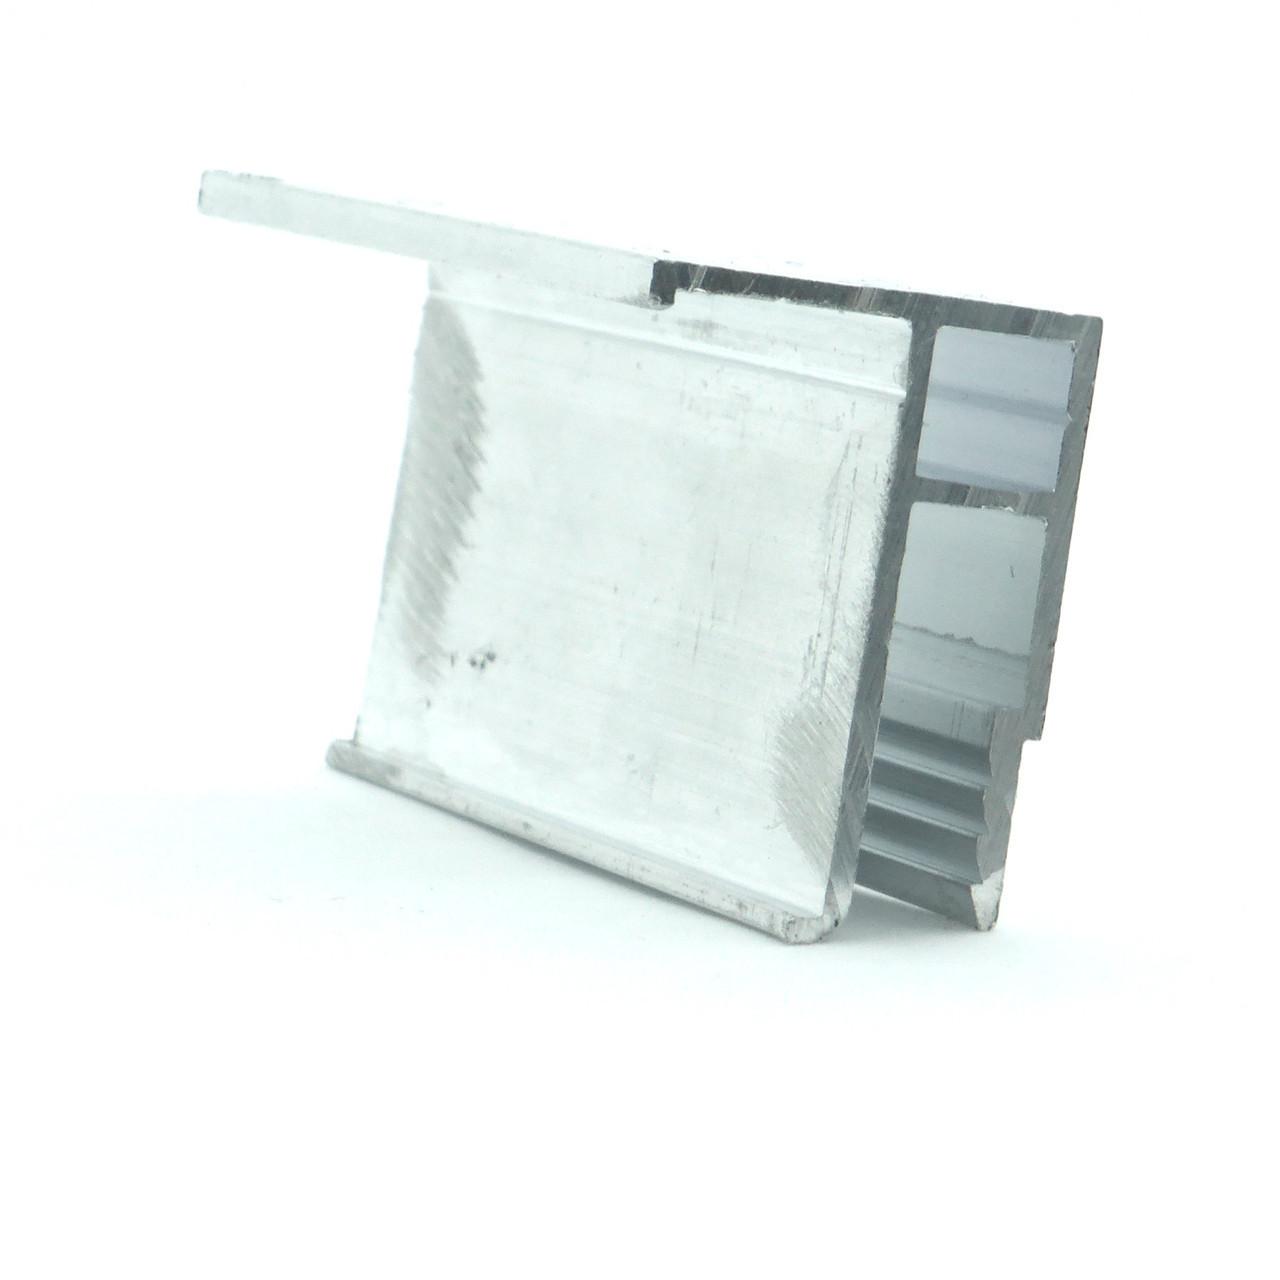 Профиль алюминиевый для натяжных потолков - Универсальный. Длина профиля 2,5 м.